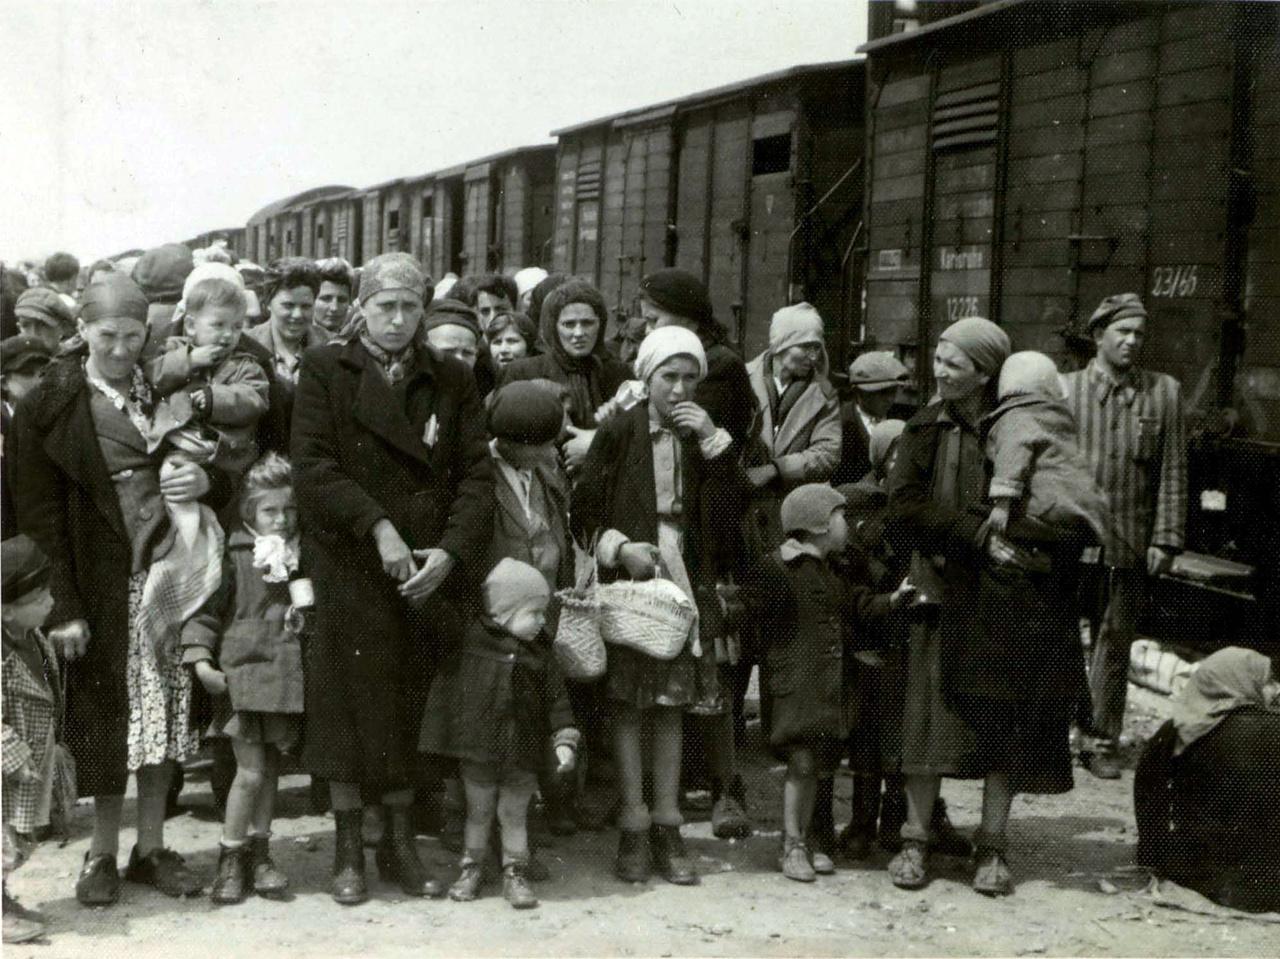 """Zsidó nők és gyerekek várakoznak a platformon. A kép jobb szélén álló csíkos rabruhás férfi a """"Kanada munkacsapat"""" egyik tagja, akiknek a tömeg irányításán kívül az is feladatuk volt, hogy összeszedjék a platformról az emberek holmijait."""